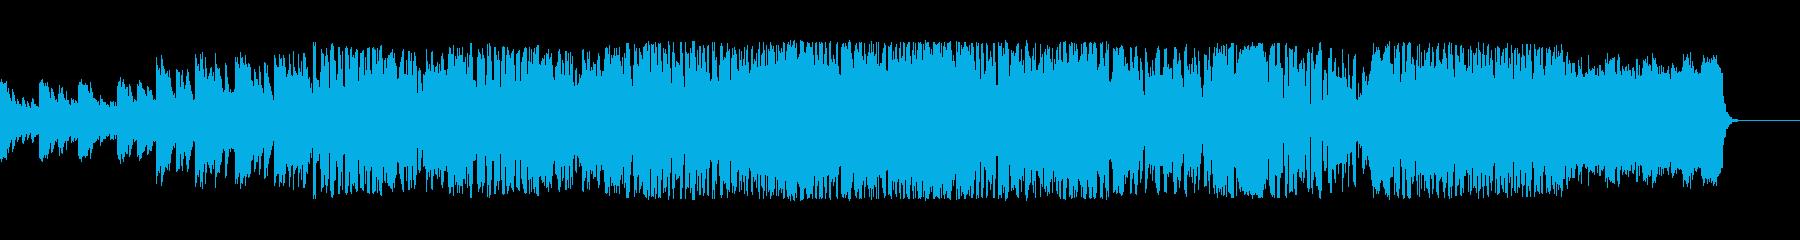 コスモスをイメージしたファンタジー曲の再生済みの波形